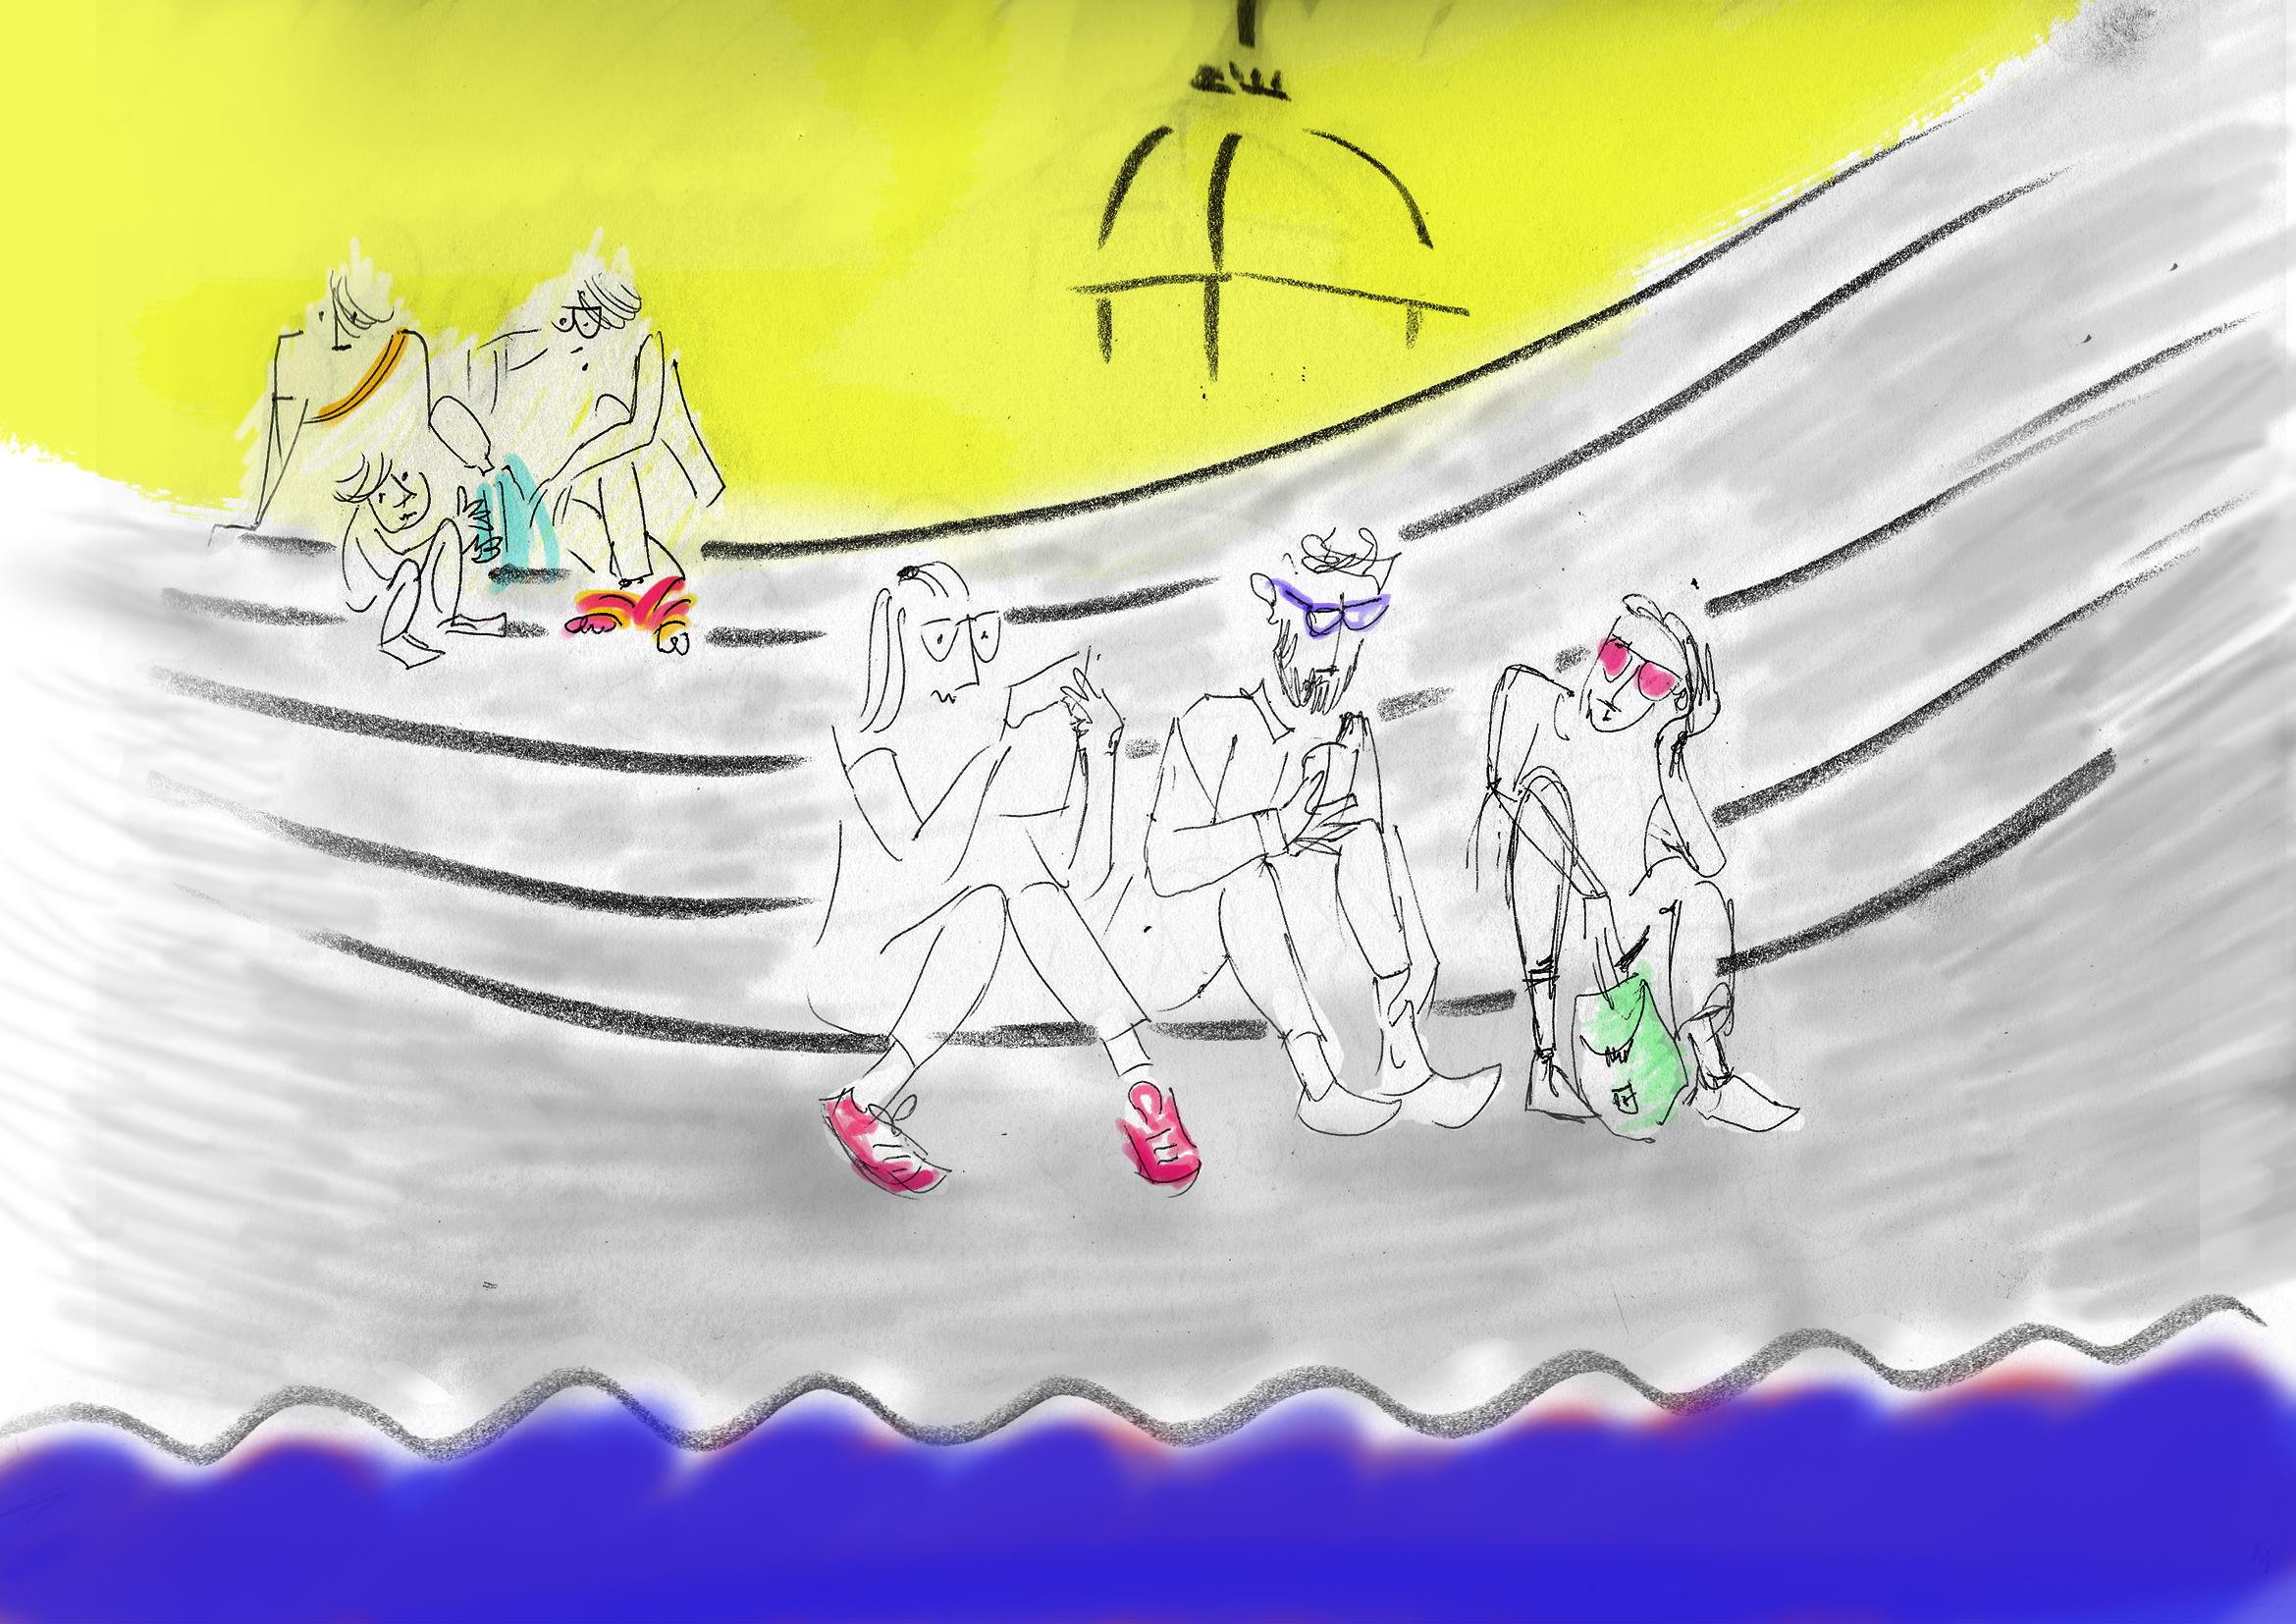 ilaria aprile roma a scale ISOLA TIBERINA 1